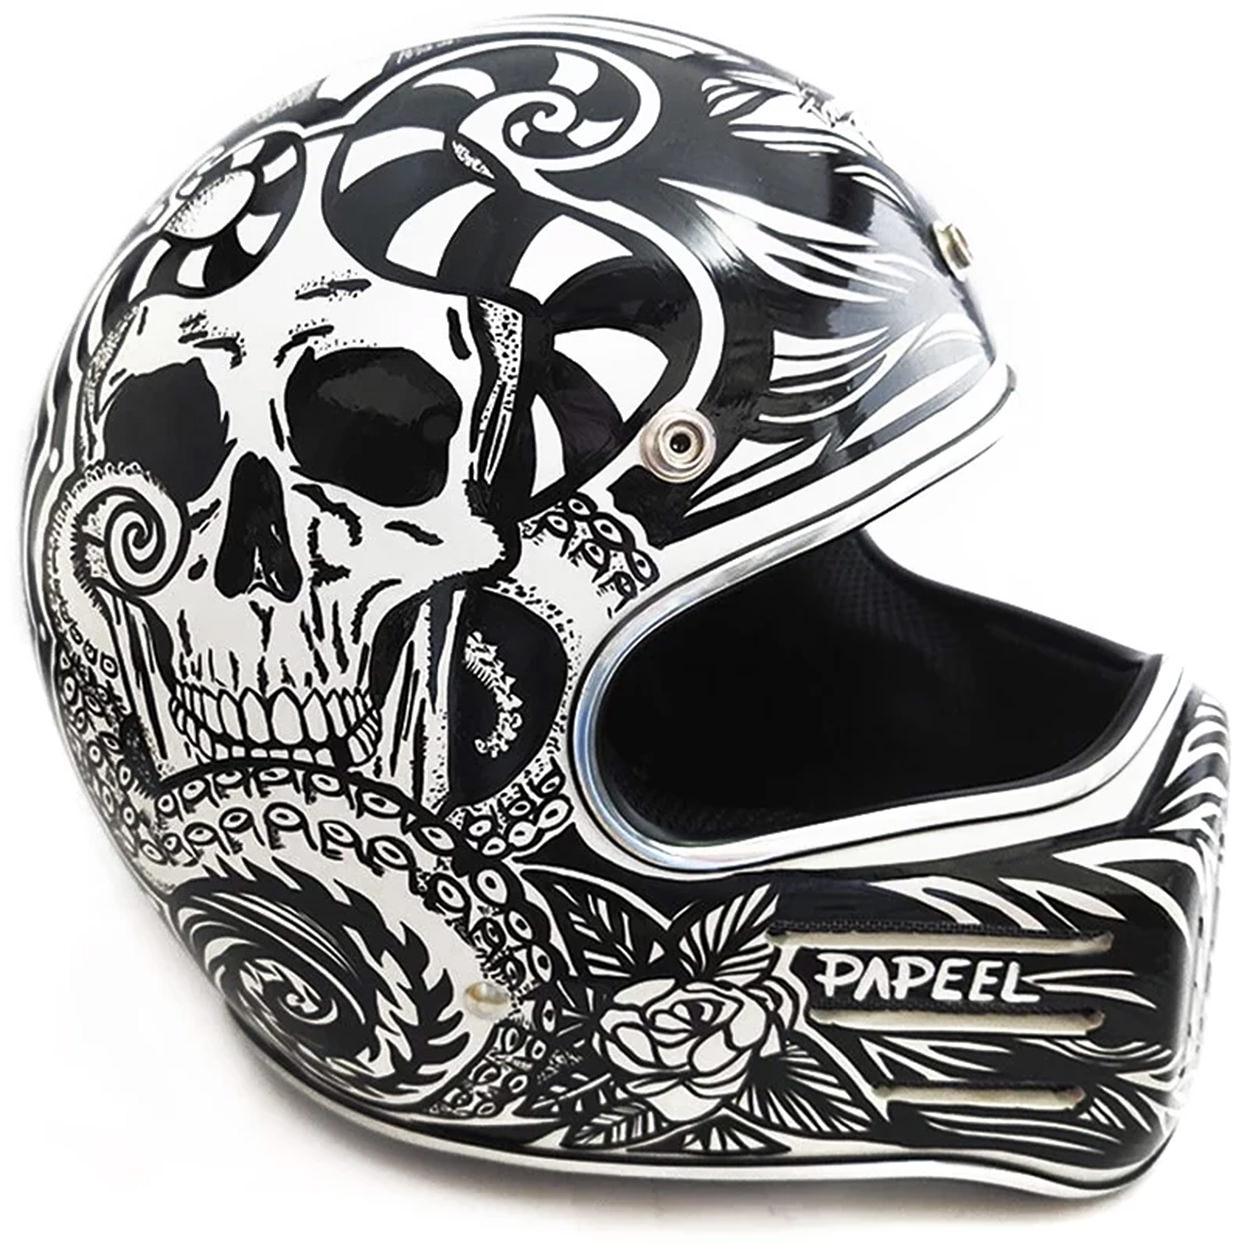 Custom motorcycle helmet by designer Pamela Reis of Papeel